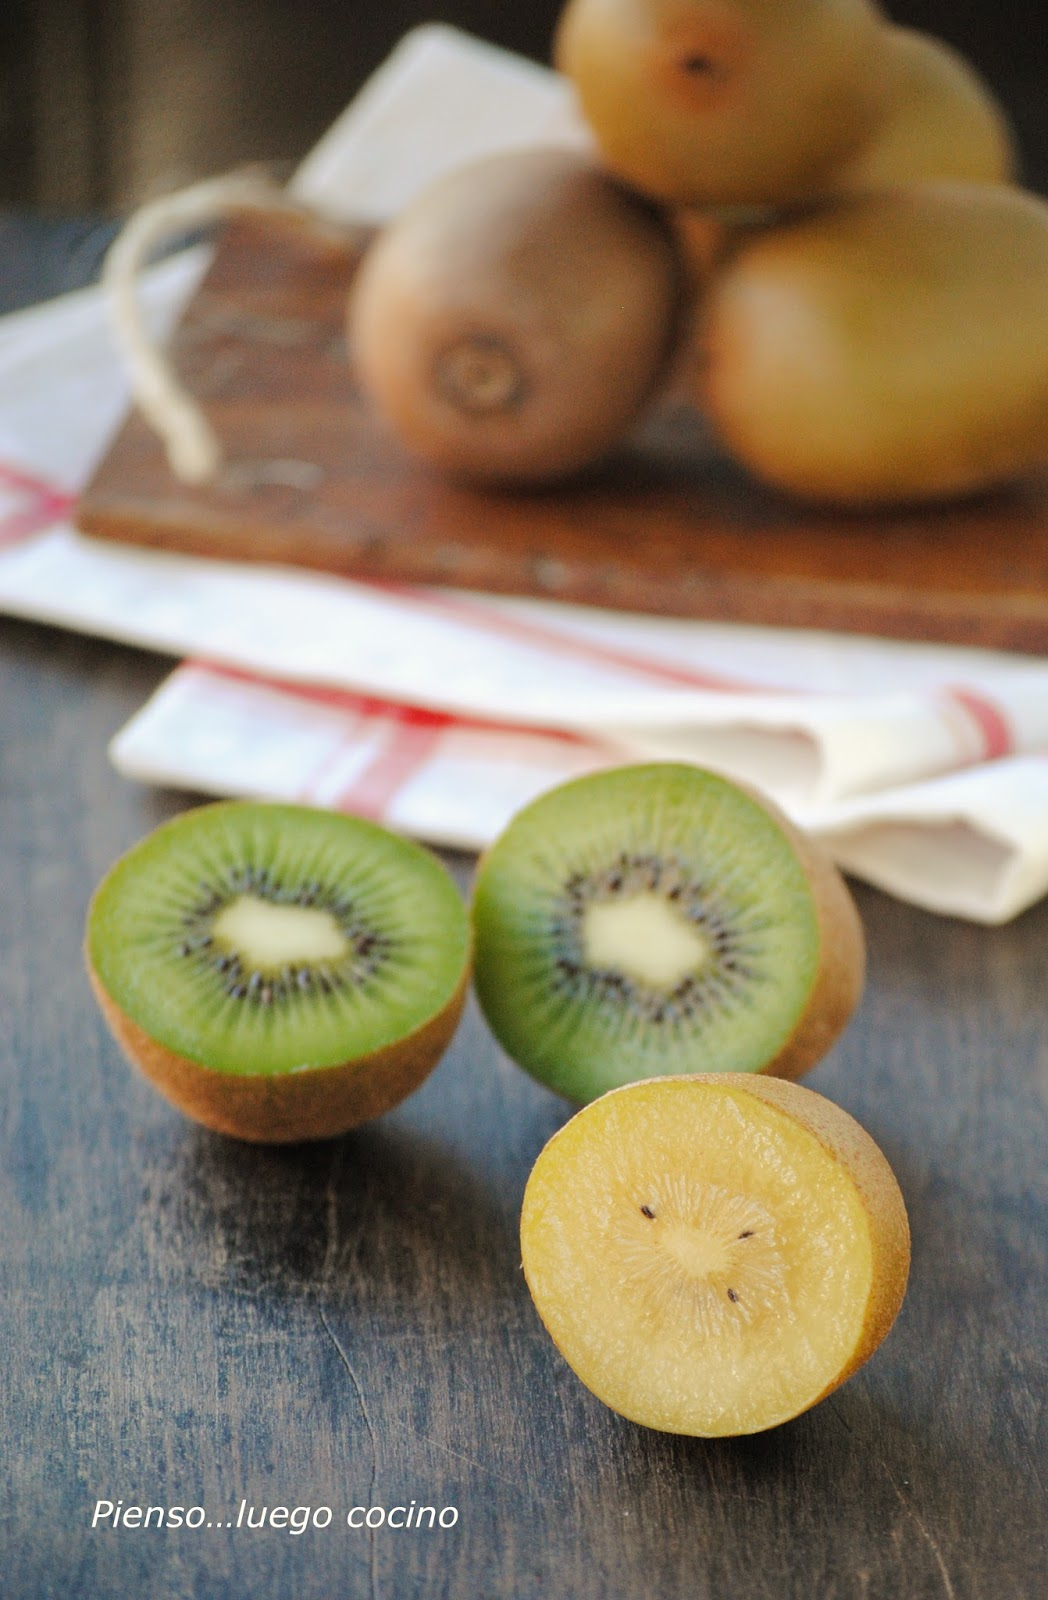 Kiwi verde, kiwi amarillo